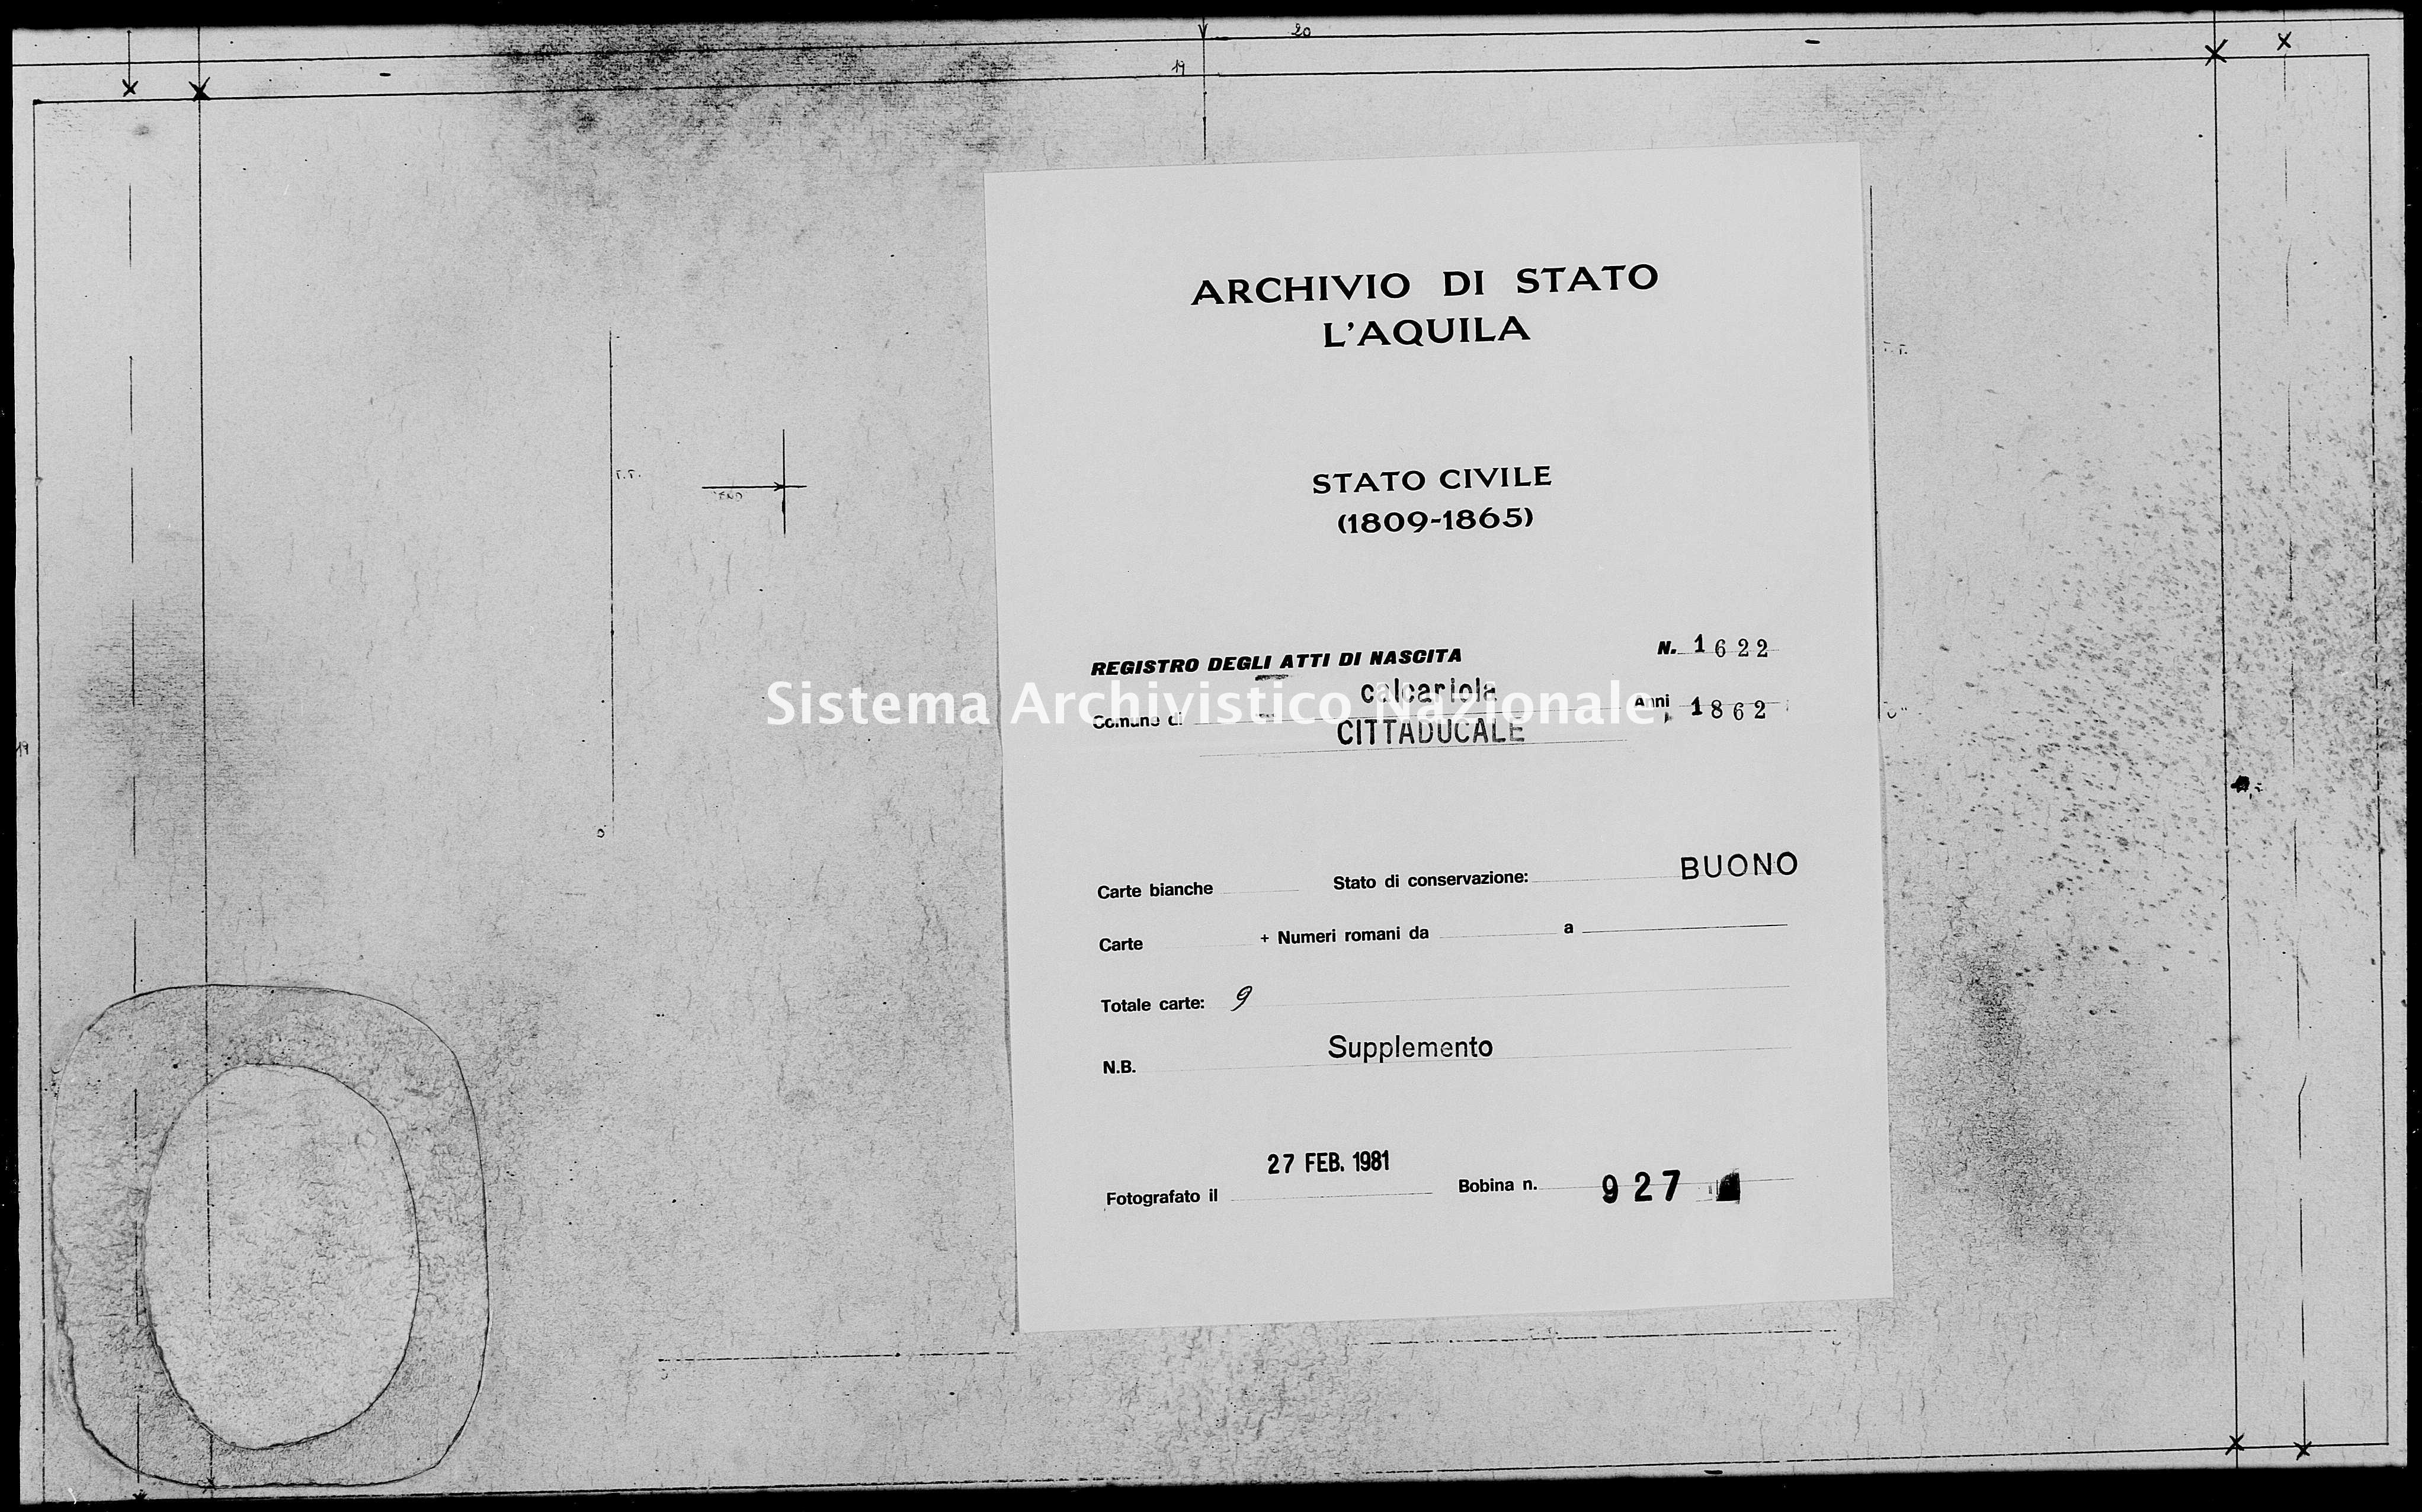 Archivio di stato di L'aquila - Stato civile italiano - Calcariola - Nati, battesimi - 1862 - 1622 -